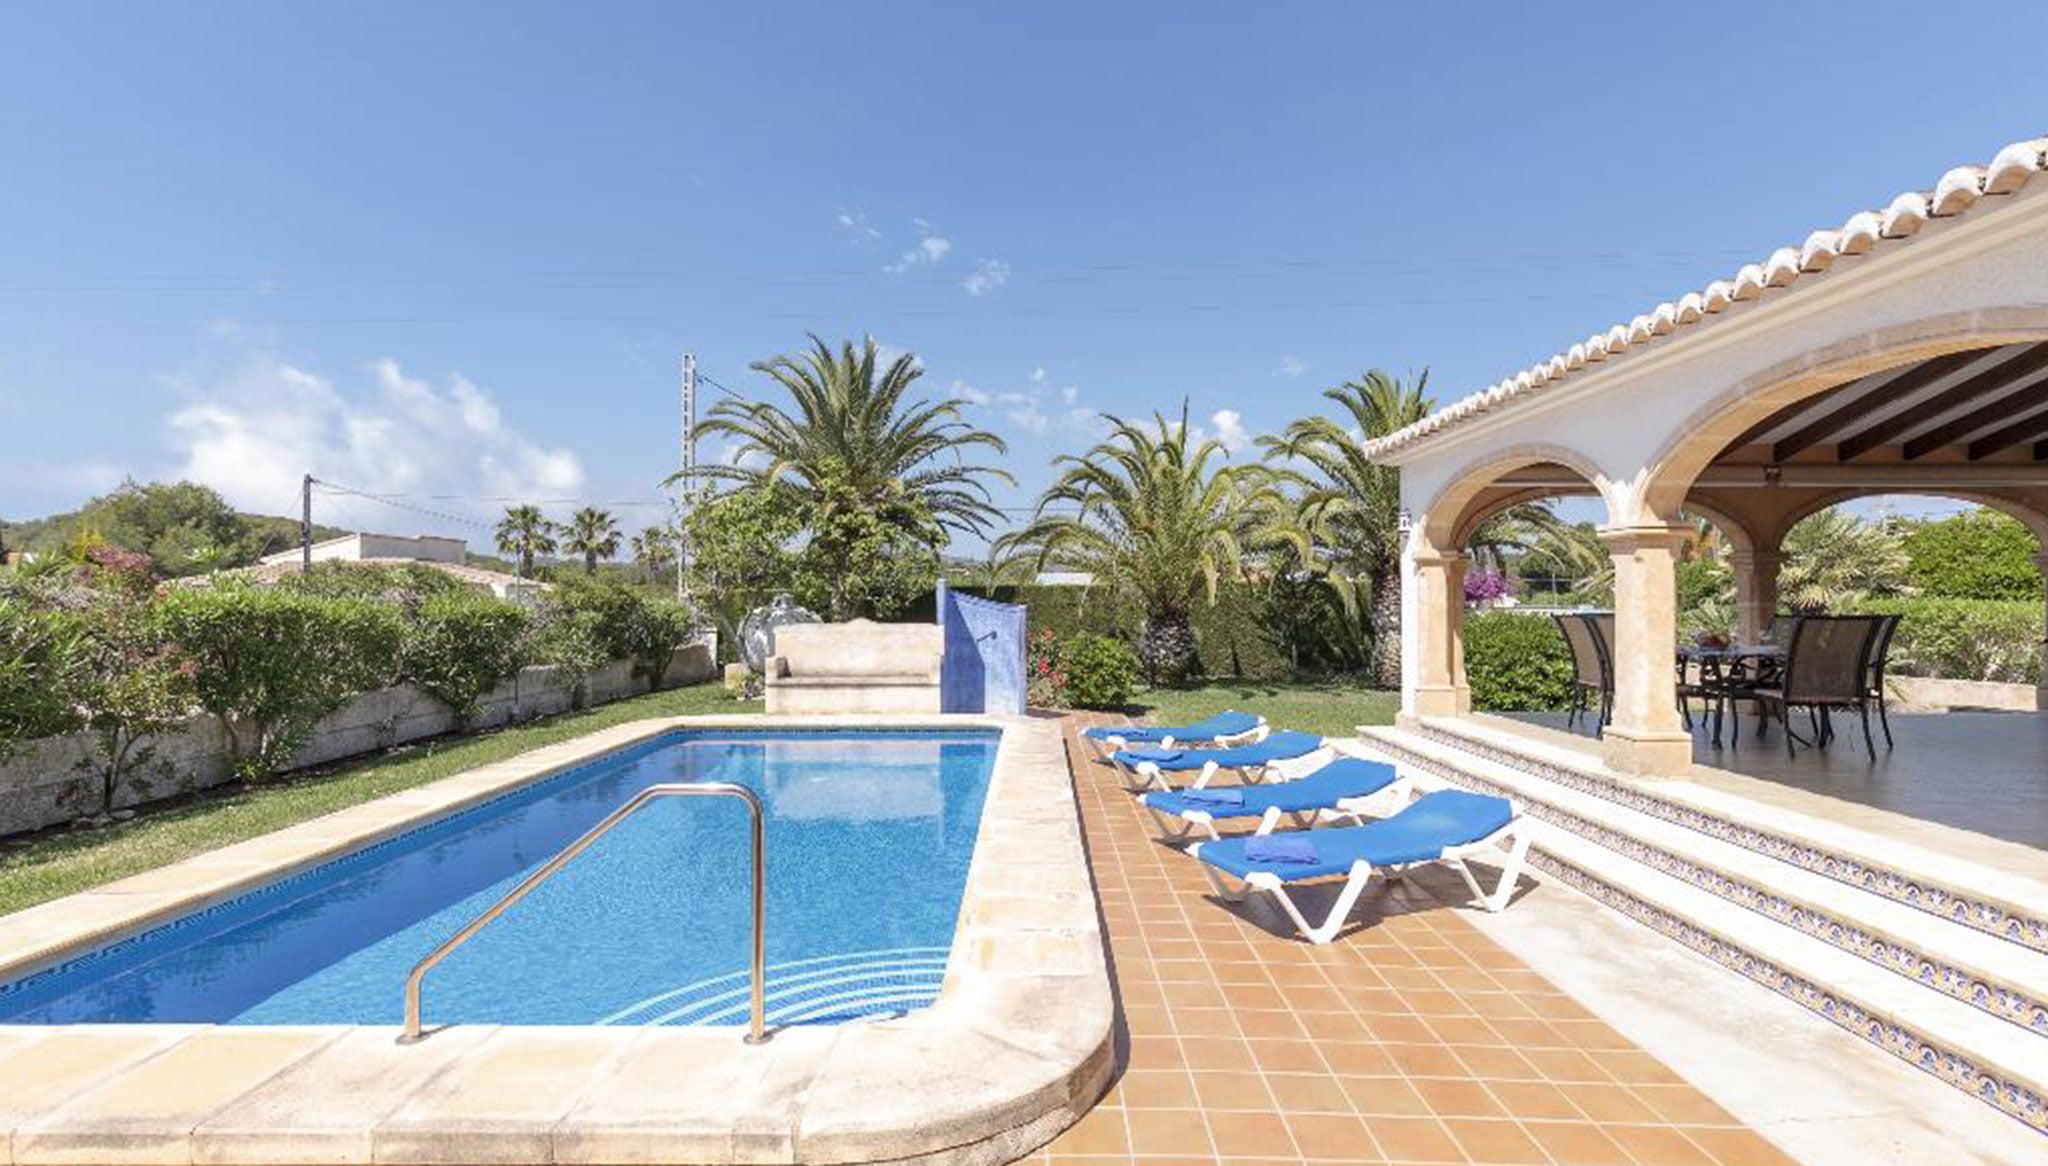 Piscine privée dans une villa en location de vacances à Jávea - Quality Rent a Villa